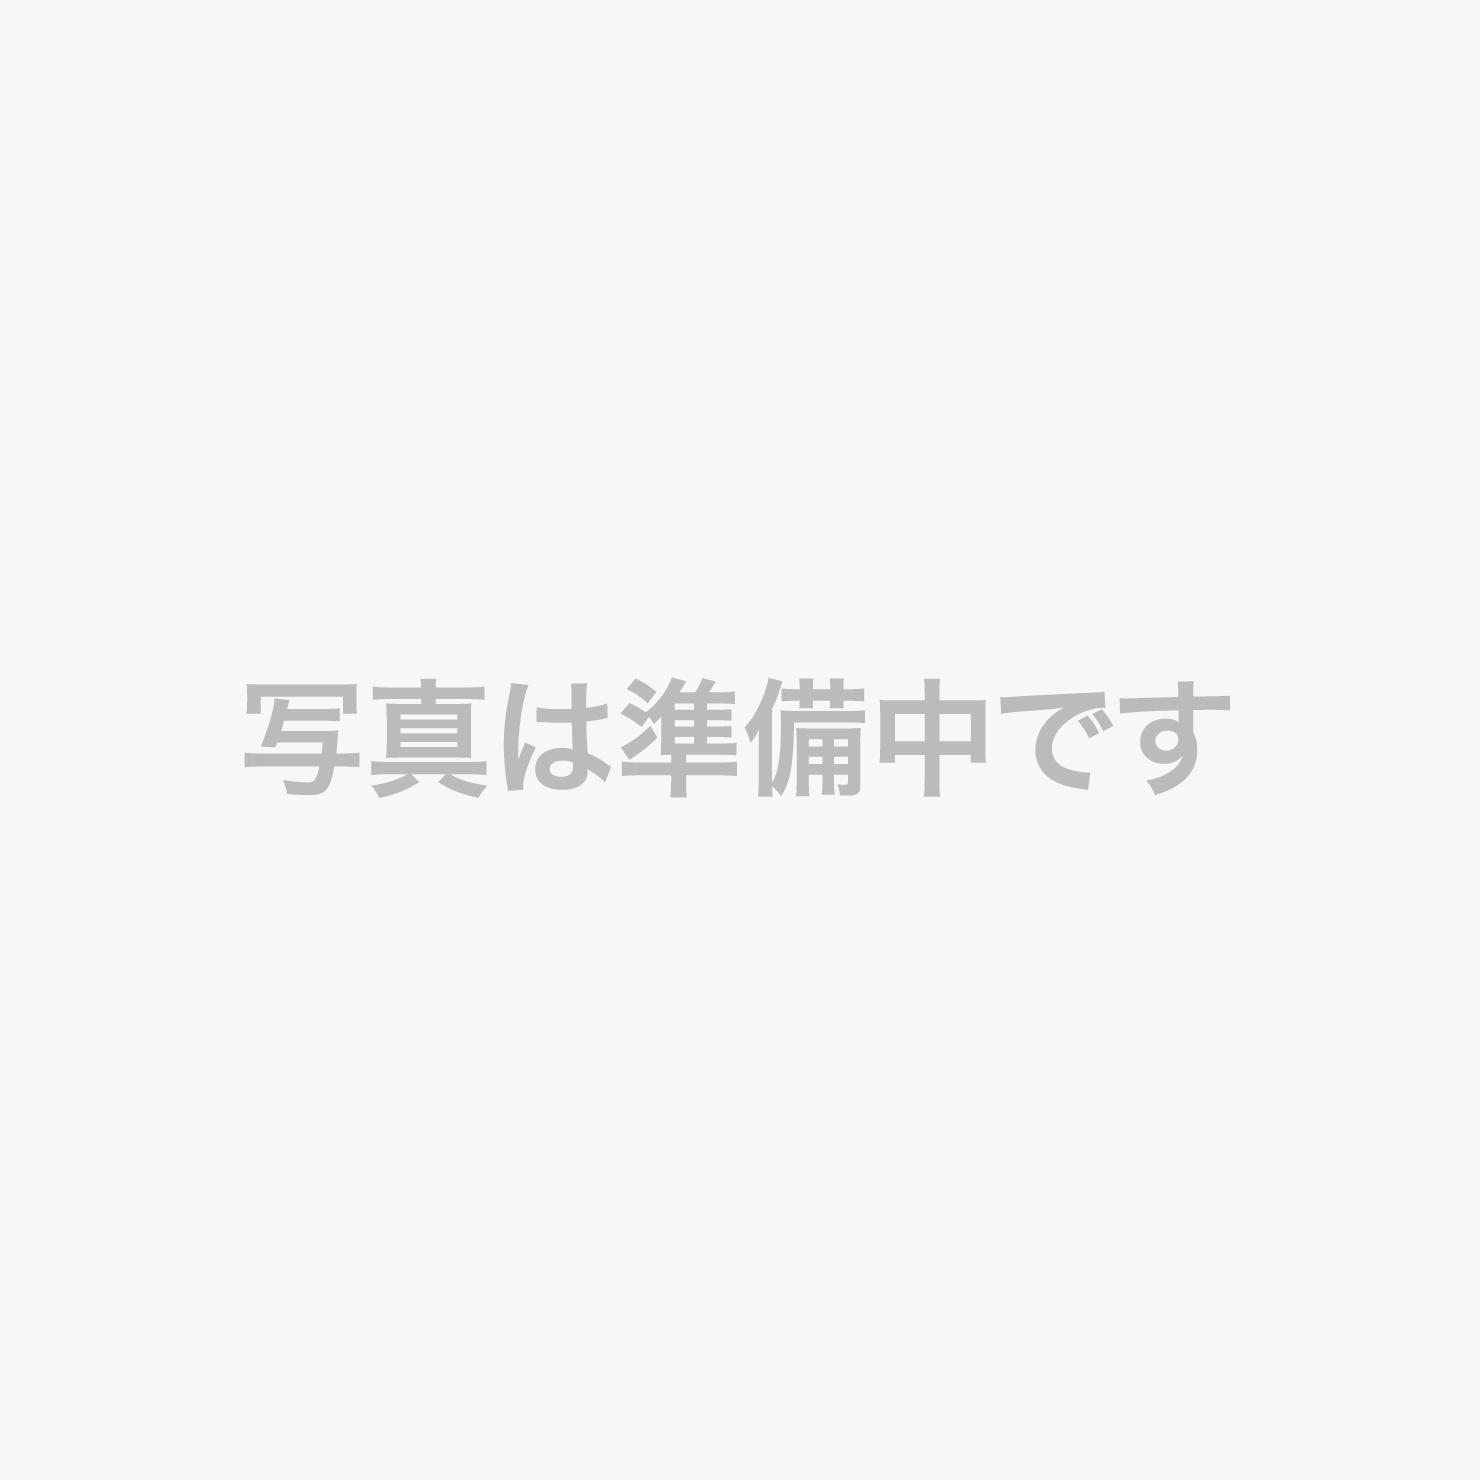 鳴子峡(写真提供:宮城県観光課)